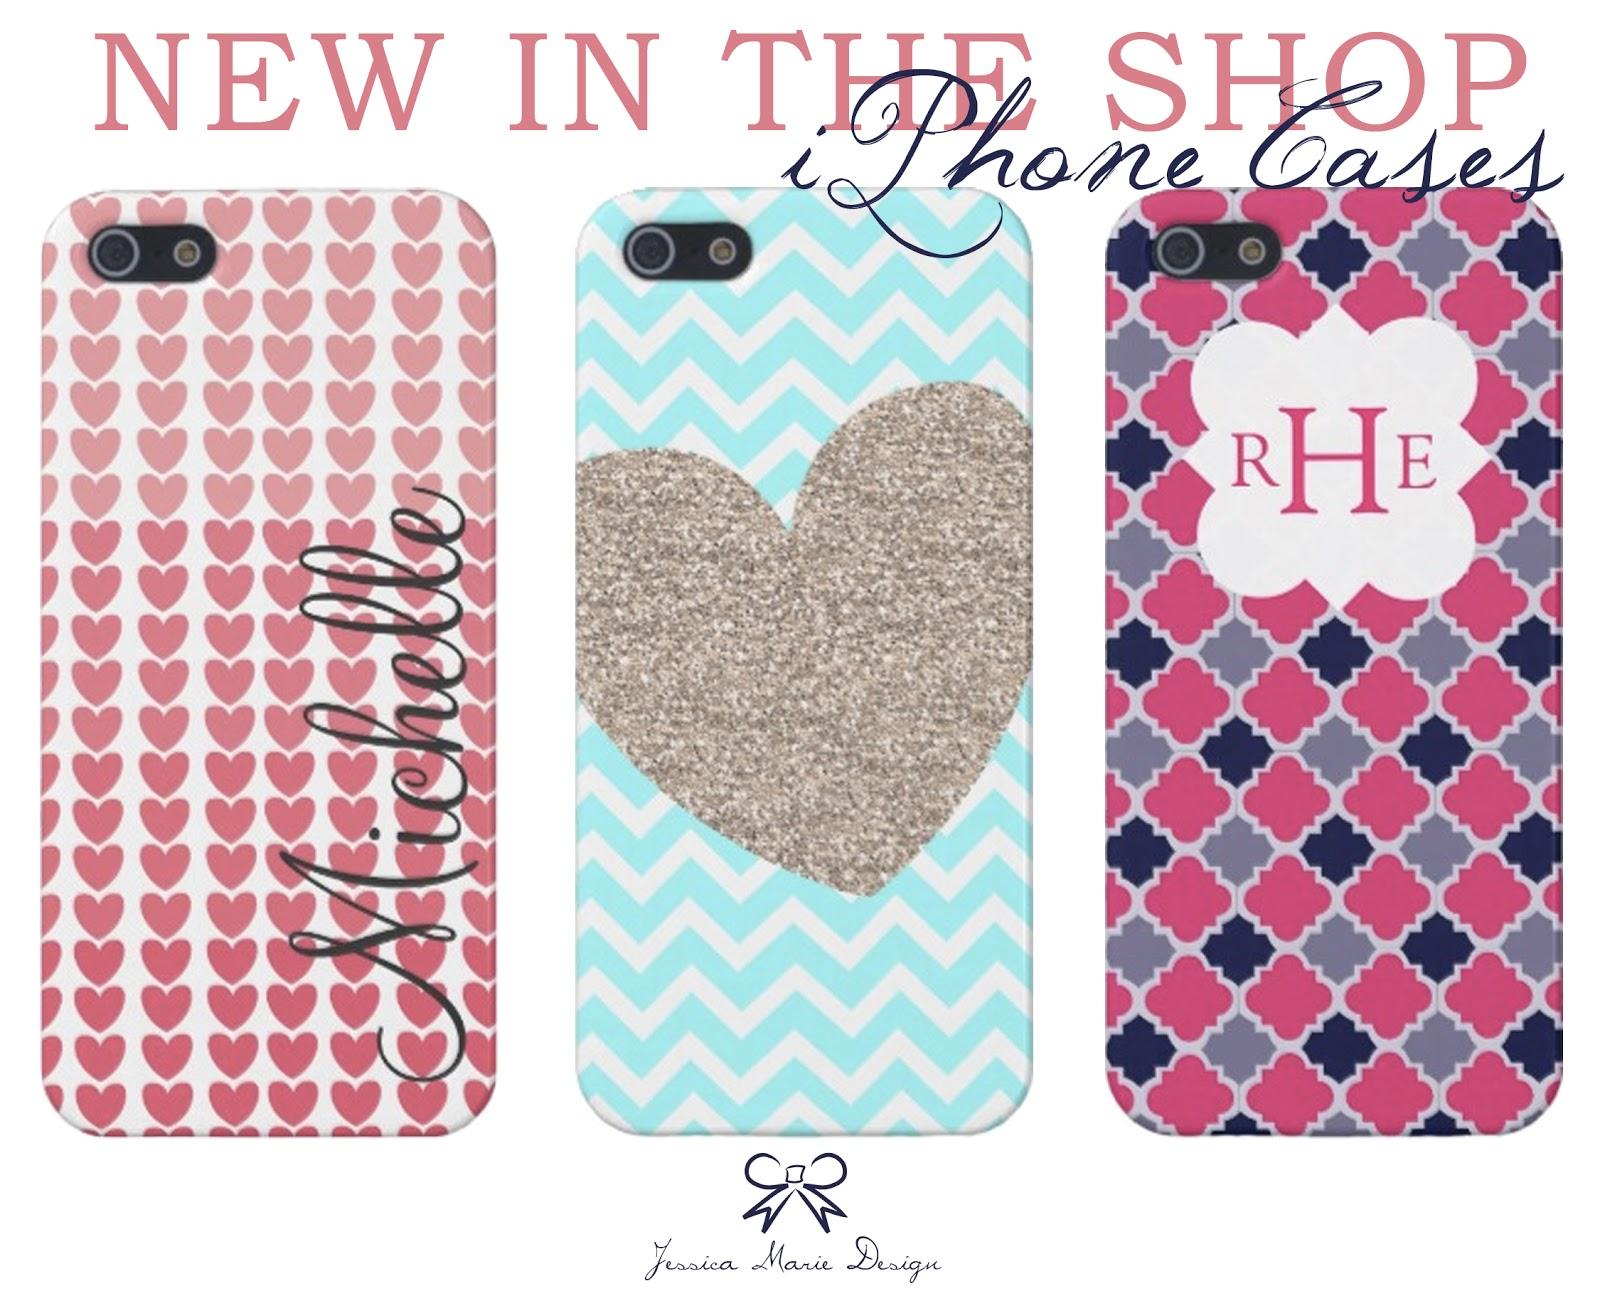 Jessica Marie Design Blog January 2013